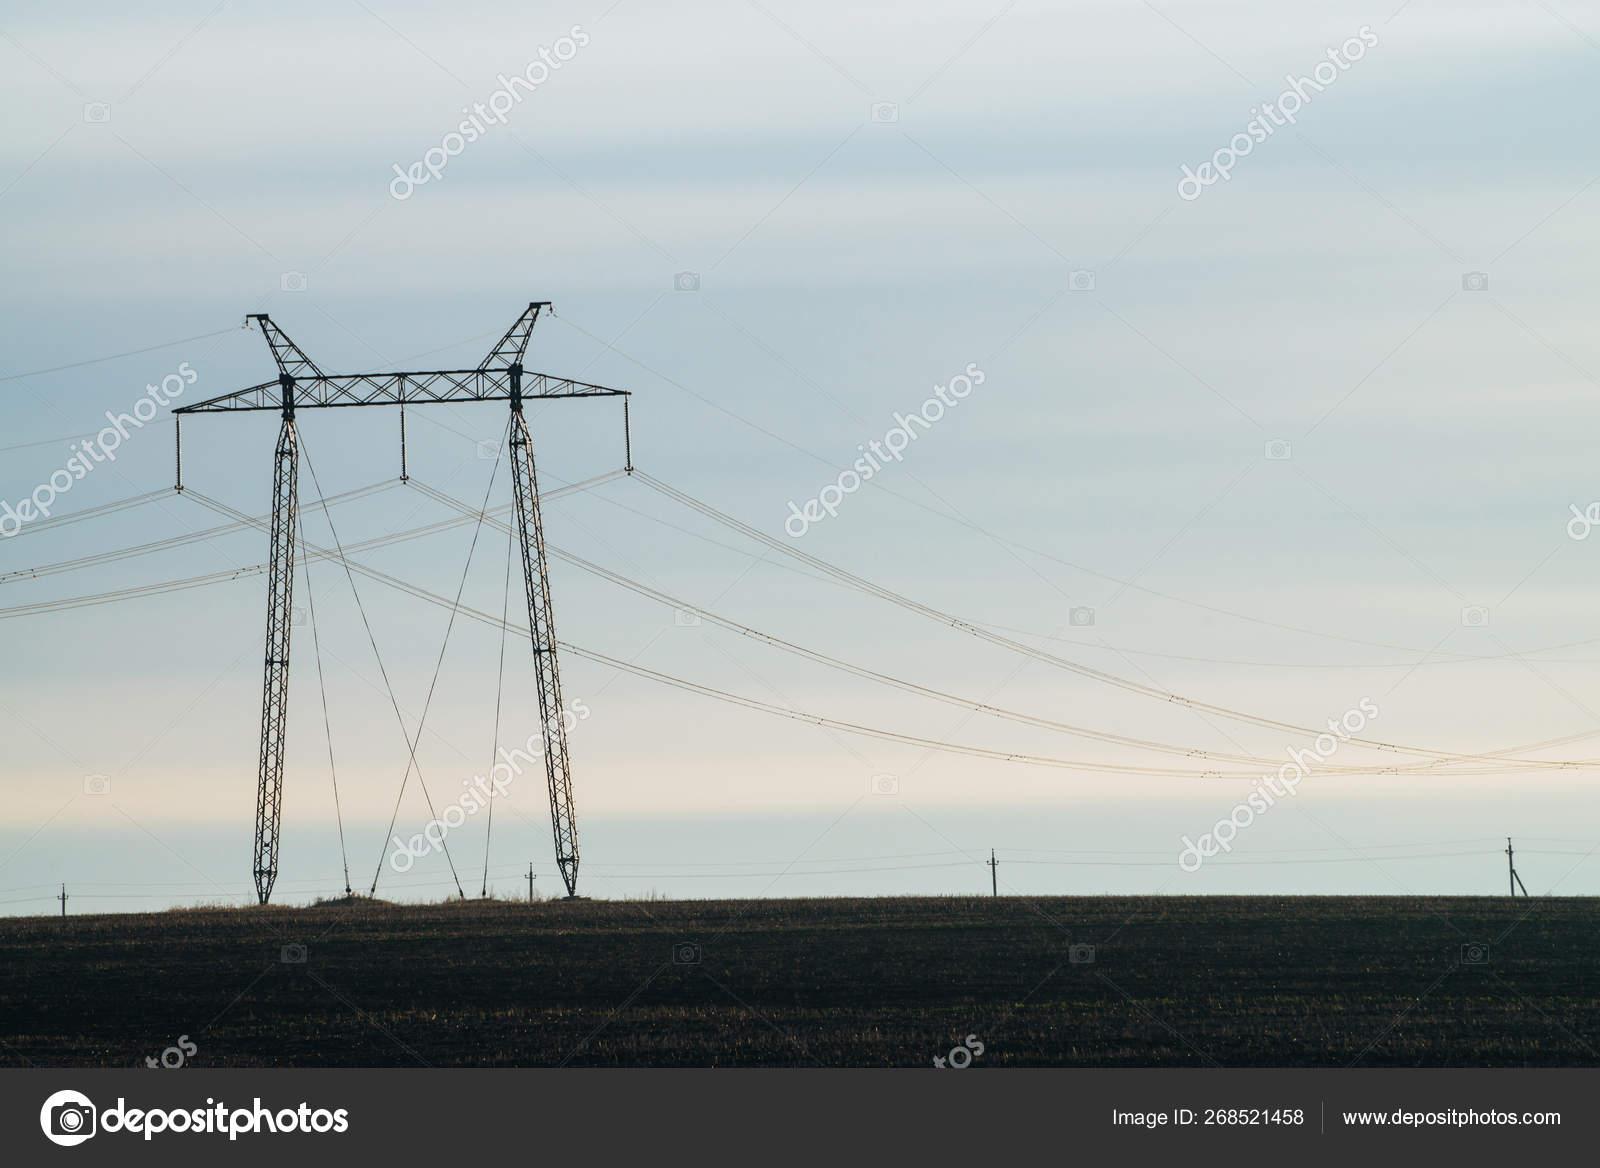 картинка линия электропередач на фоне крыма многое